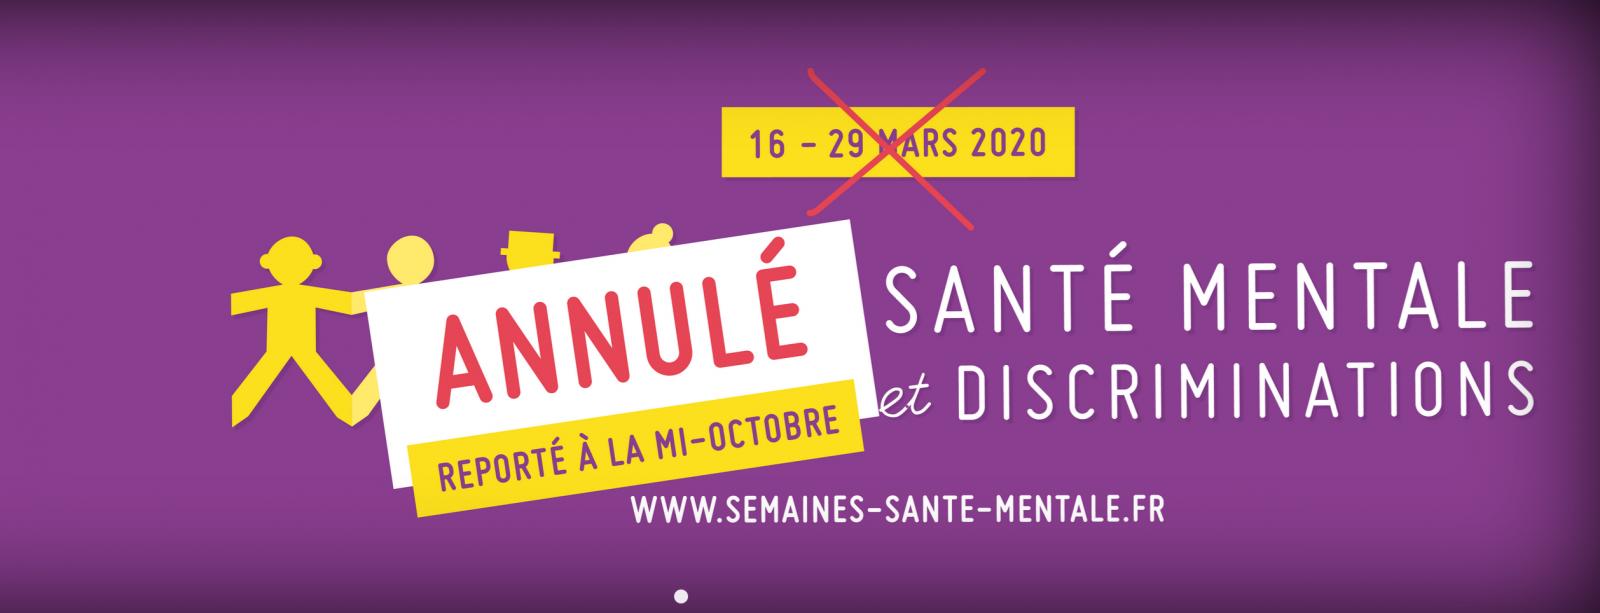 Les Semaines d'information sur la santé mentale reportées mi-octobre